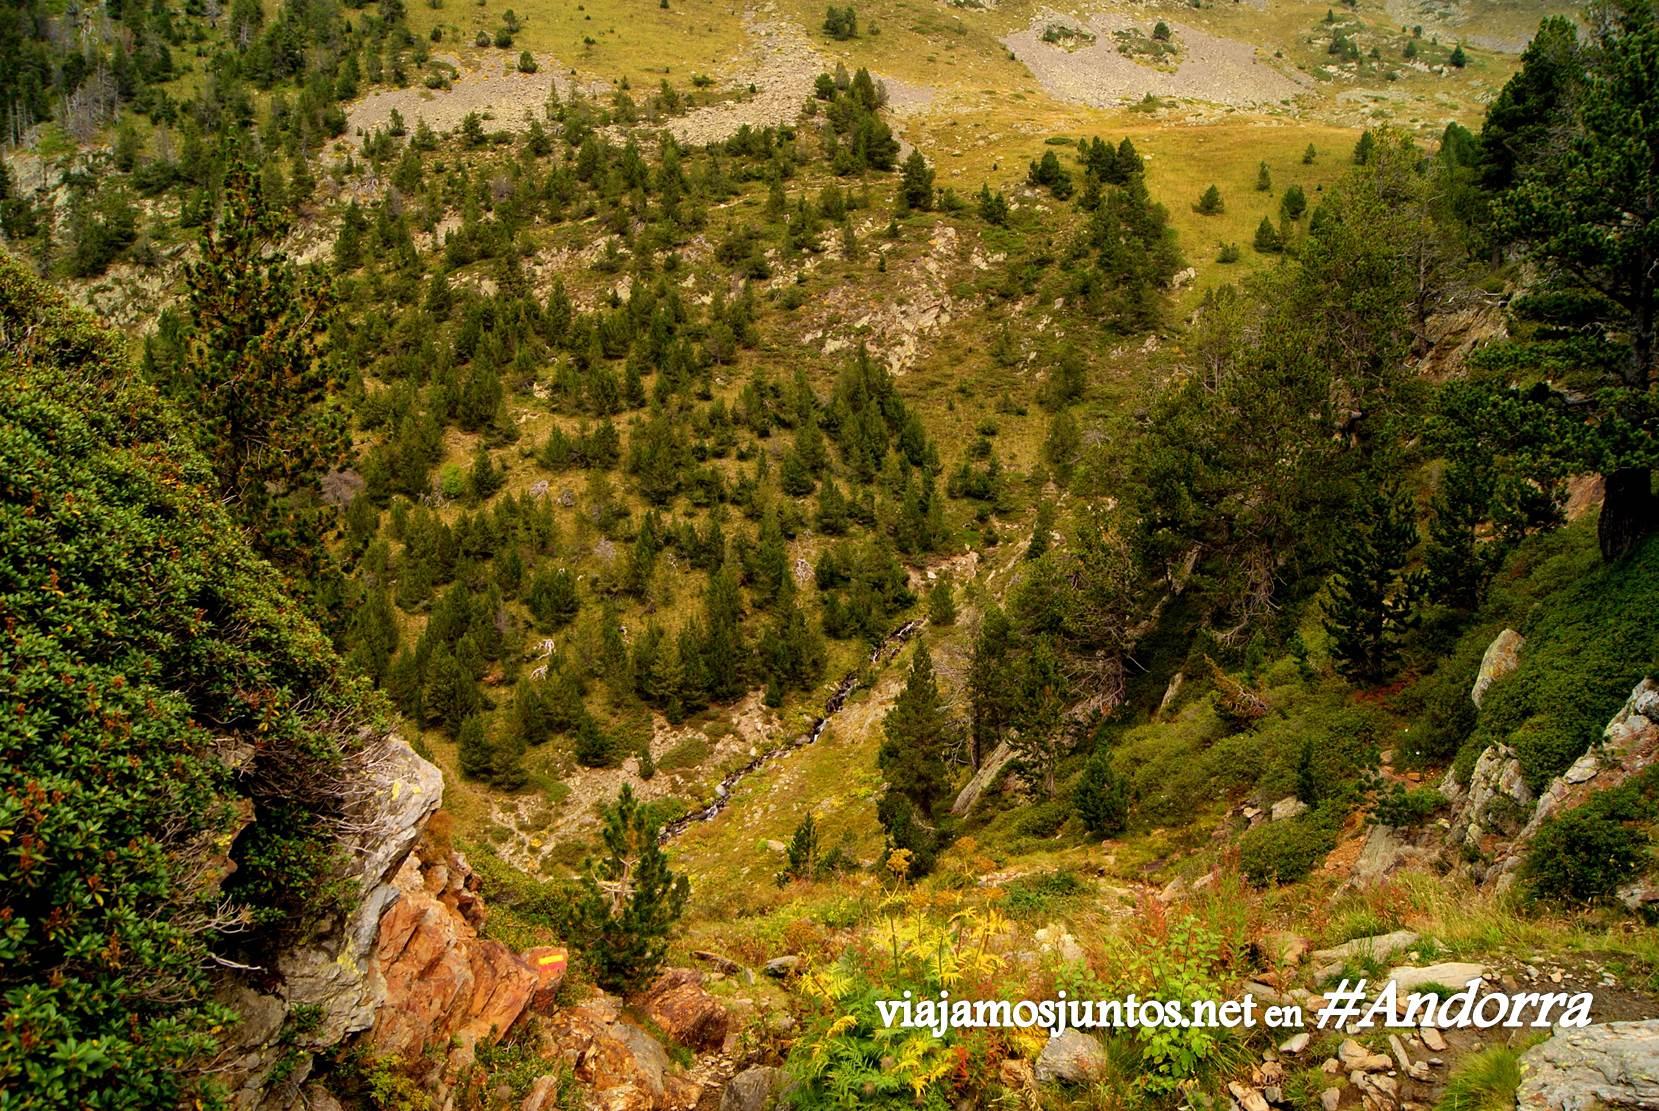 GRP de Andorra, trekking por los Pirineos Orientales; vistas con vértigo